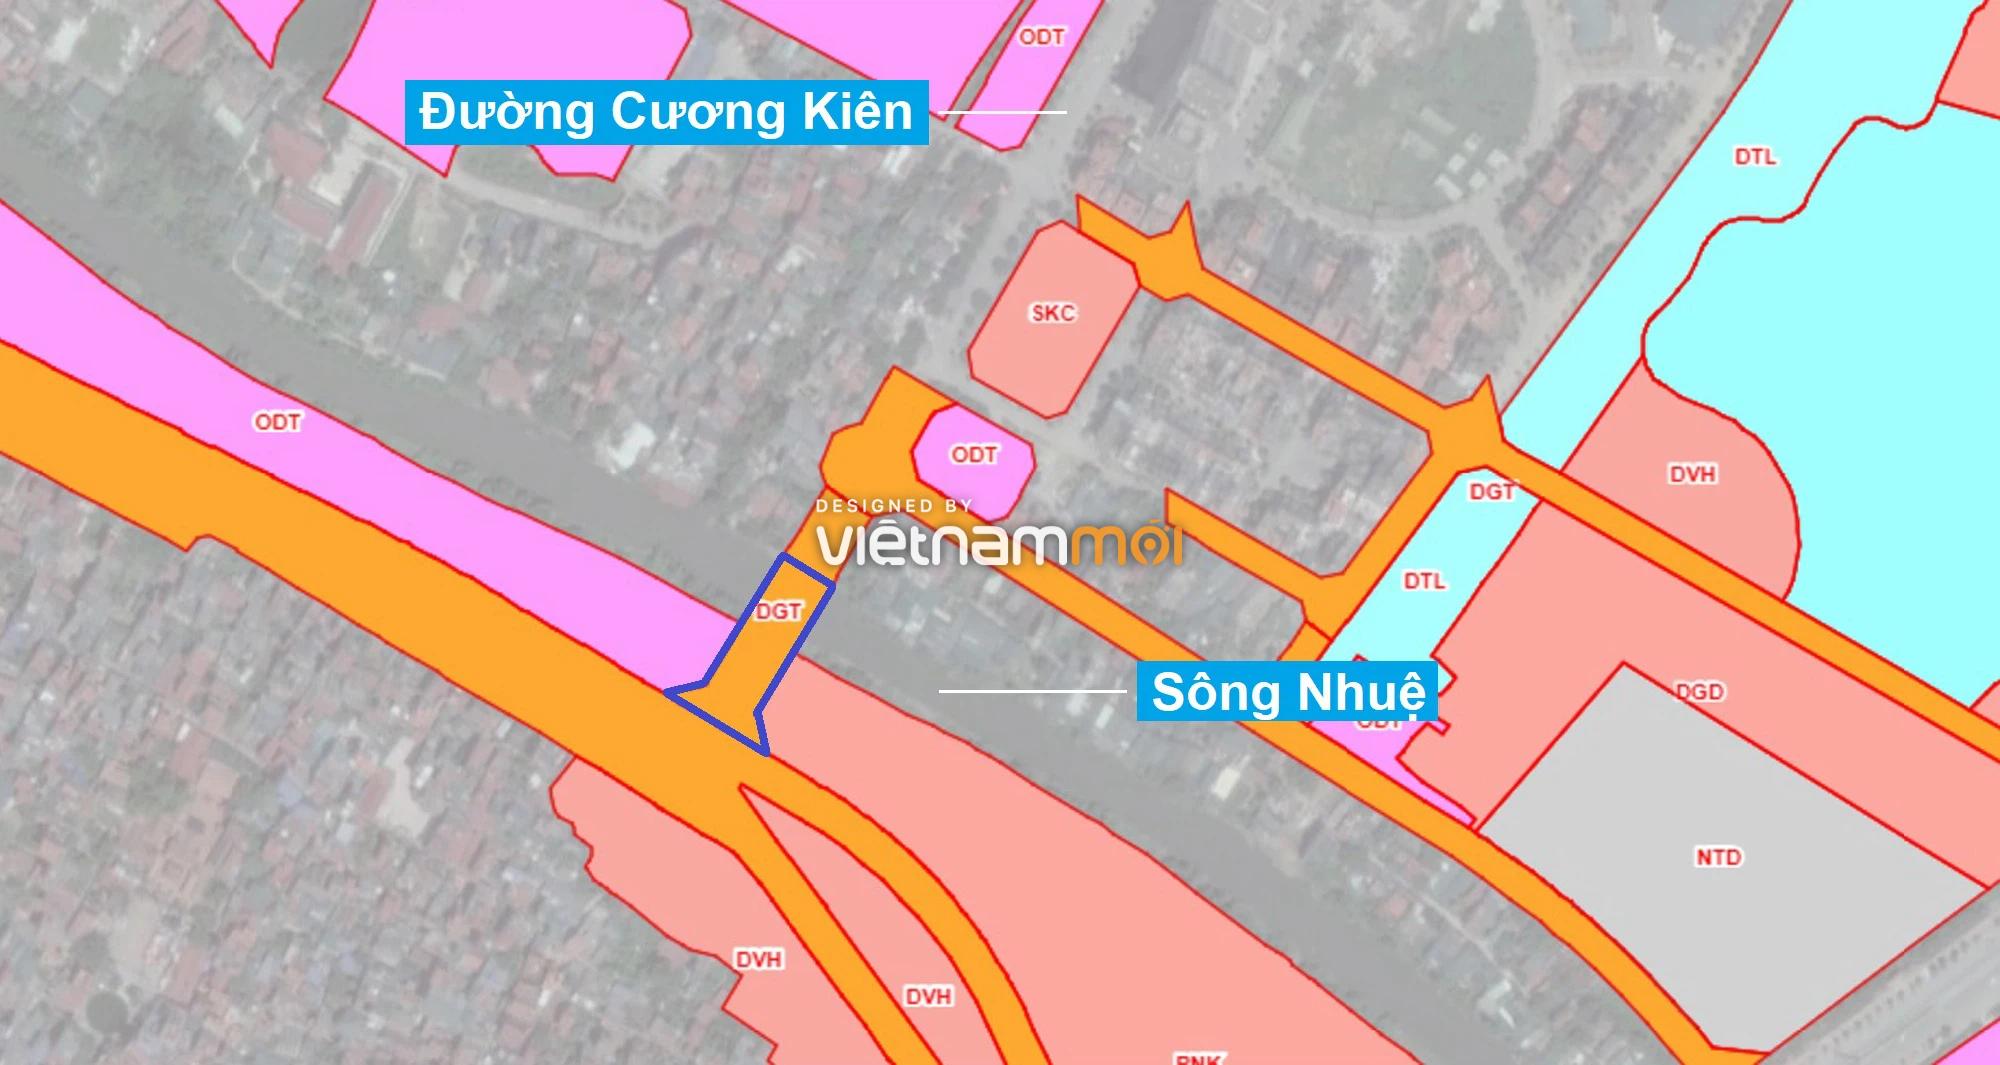 Những khu đất sắp thu hồi để mở đường ở phường Đại Mỗ, Nam Từ Liêm, Hà Nội (phần 2) Chưa xong - Ảnh 8.